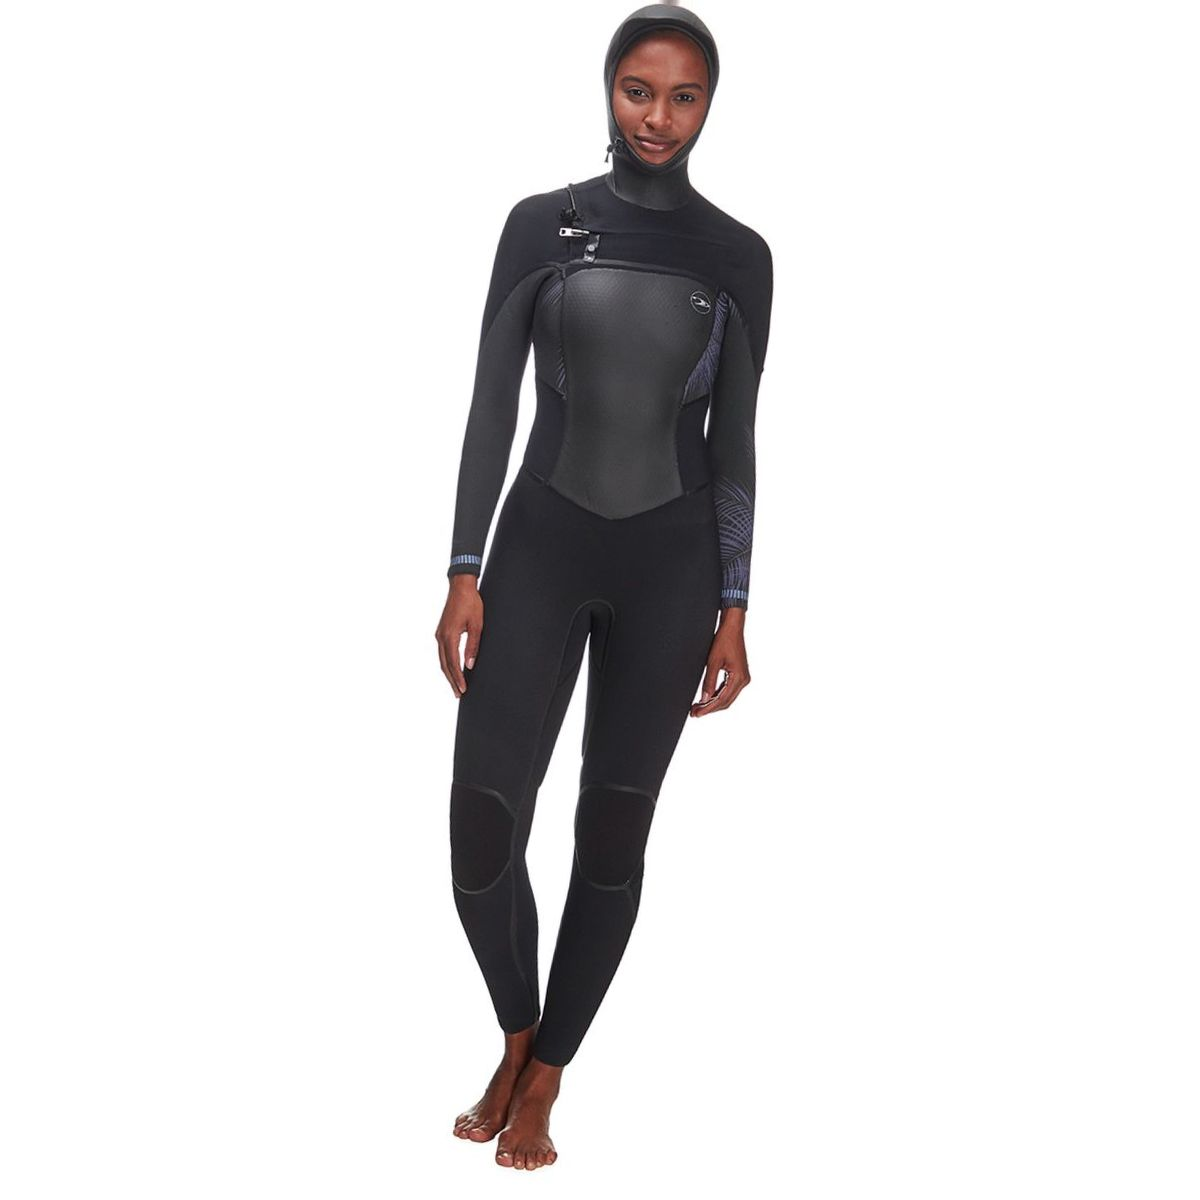 O'Neill Psychotech Fuze 5.5/4 Hooded Wetsuit - Women's